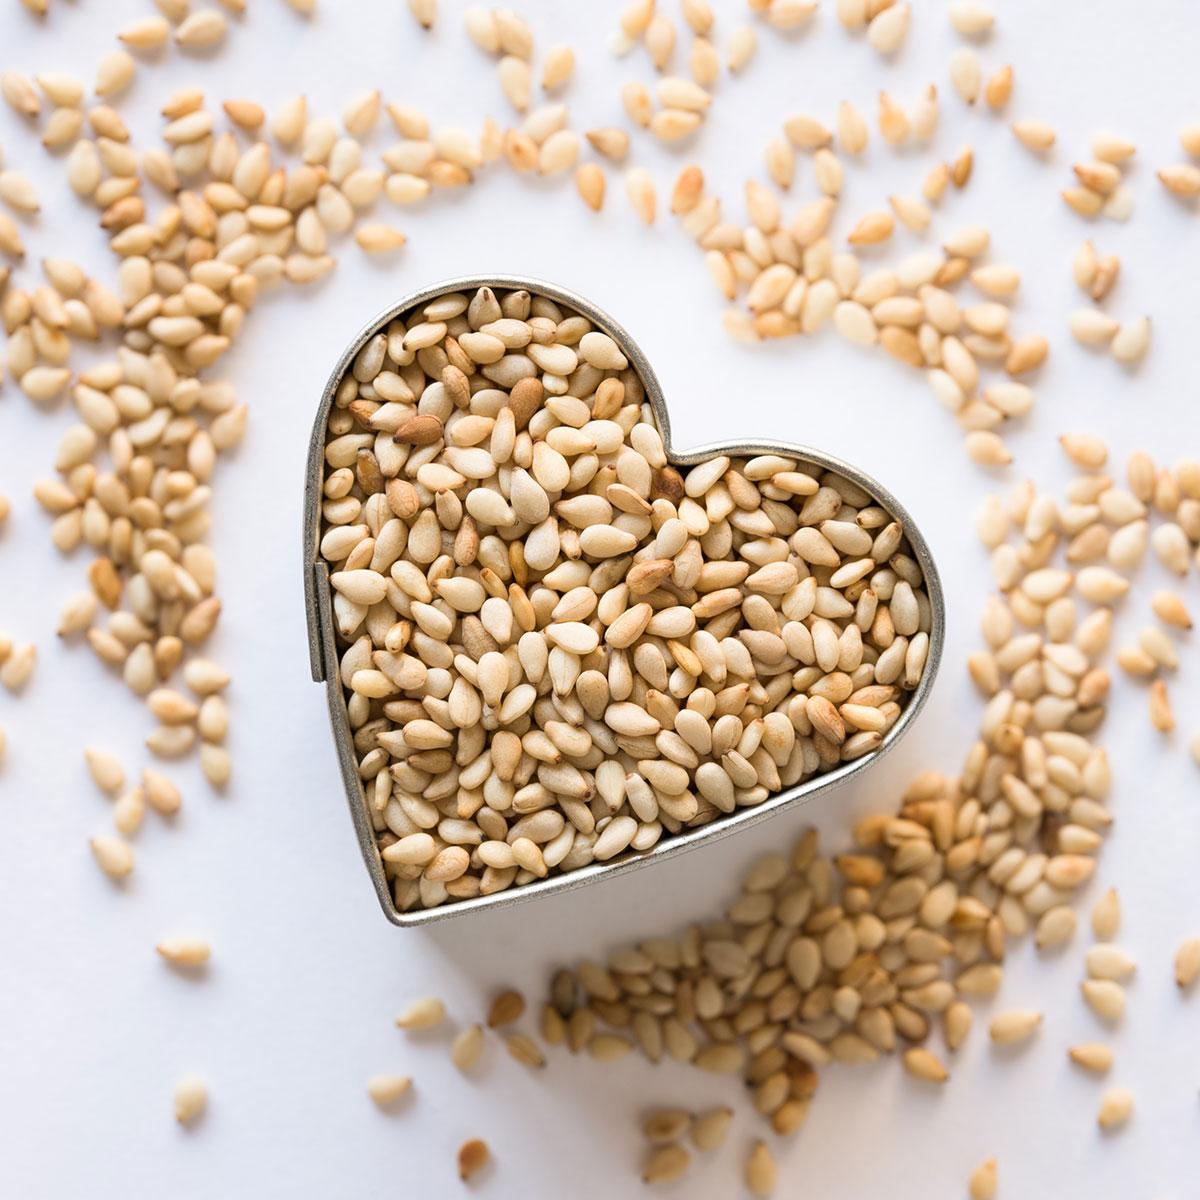 Hạt mè có chứa seasamin, protein, axit amin, axit béo... có lợi sức khỏe. Ảnh: Shutterstock.